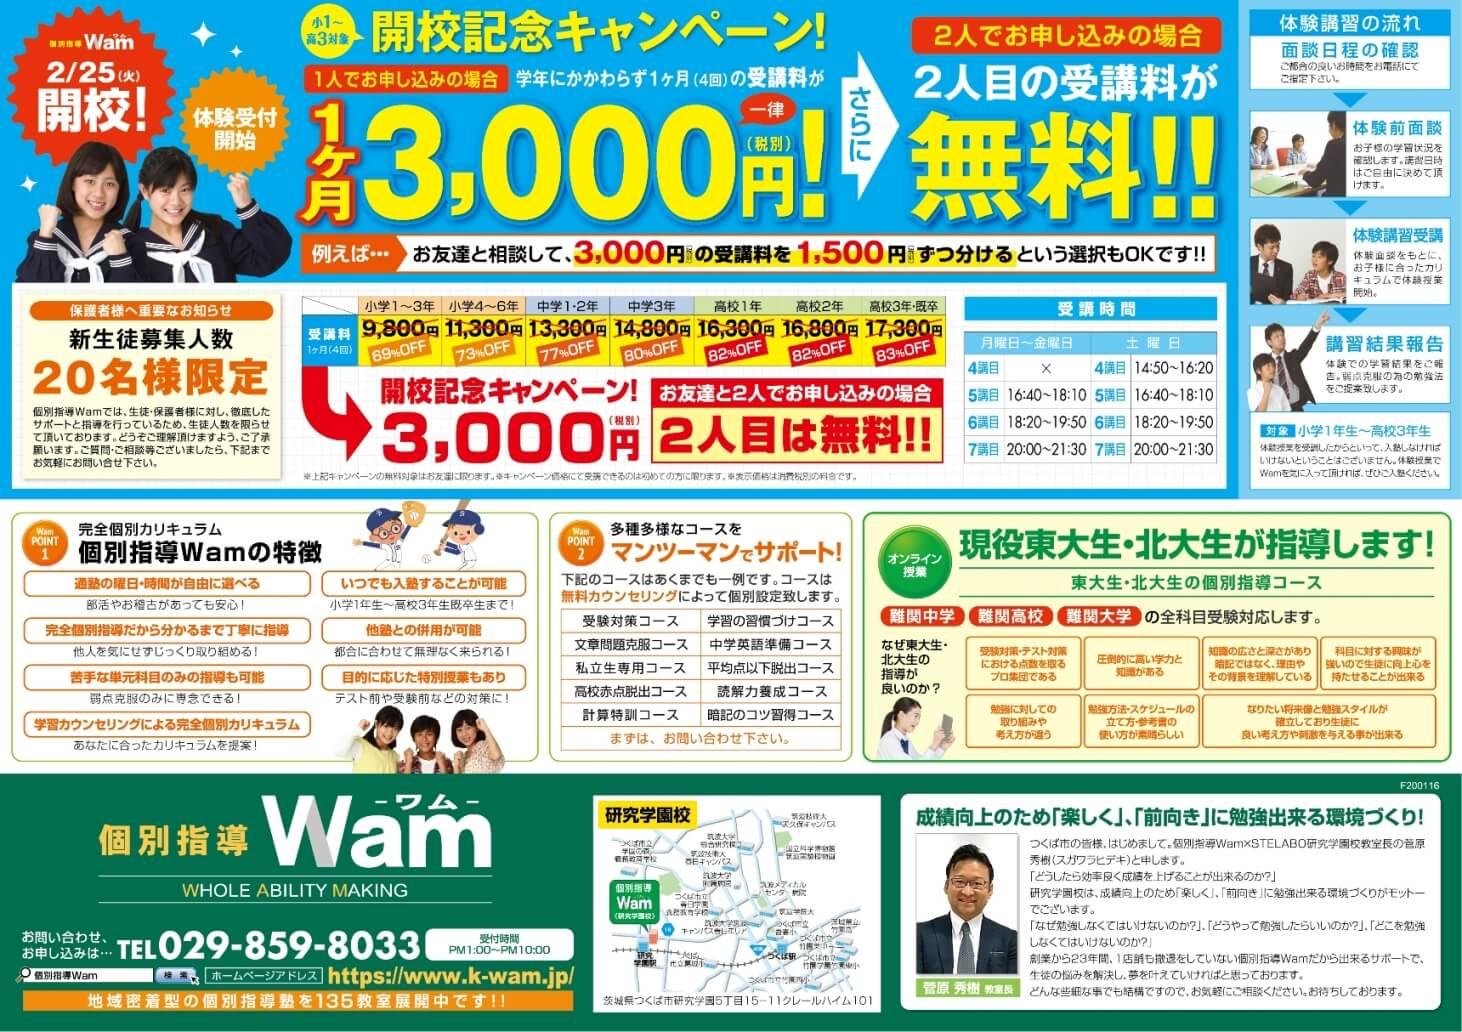 研究学園校 2020年2月25日(火) 開校・ウラ面